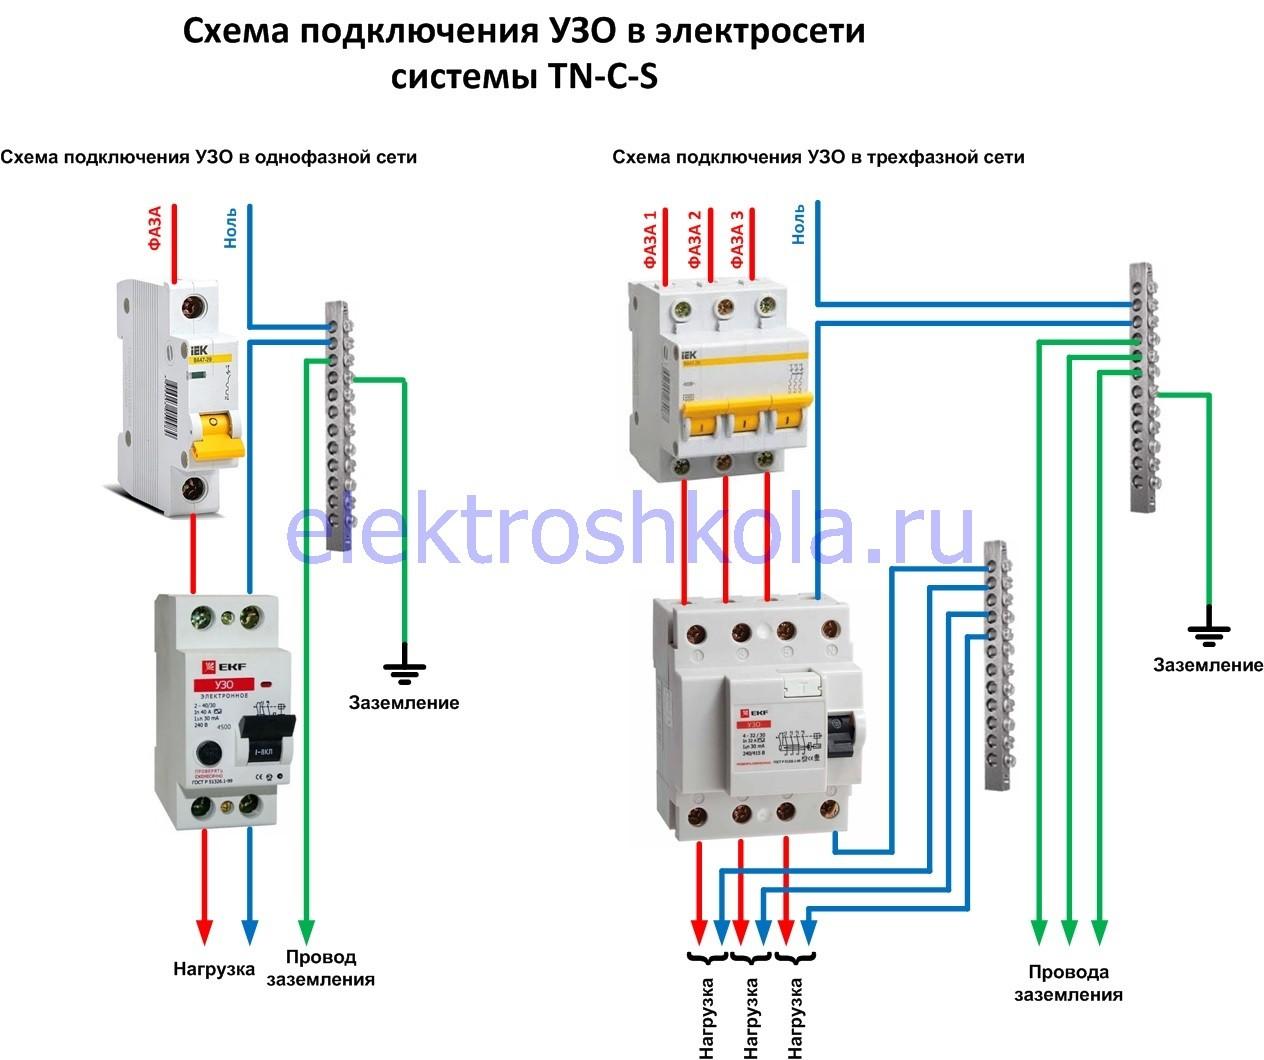 Схема подключения УЗО в сети TN-C-S